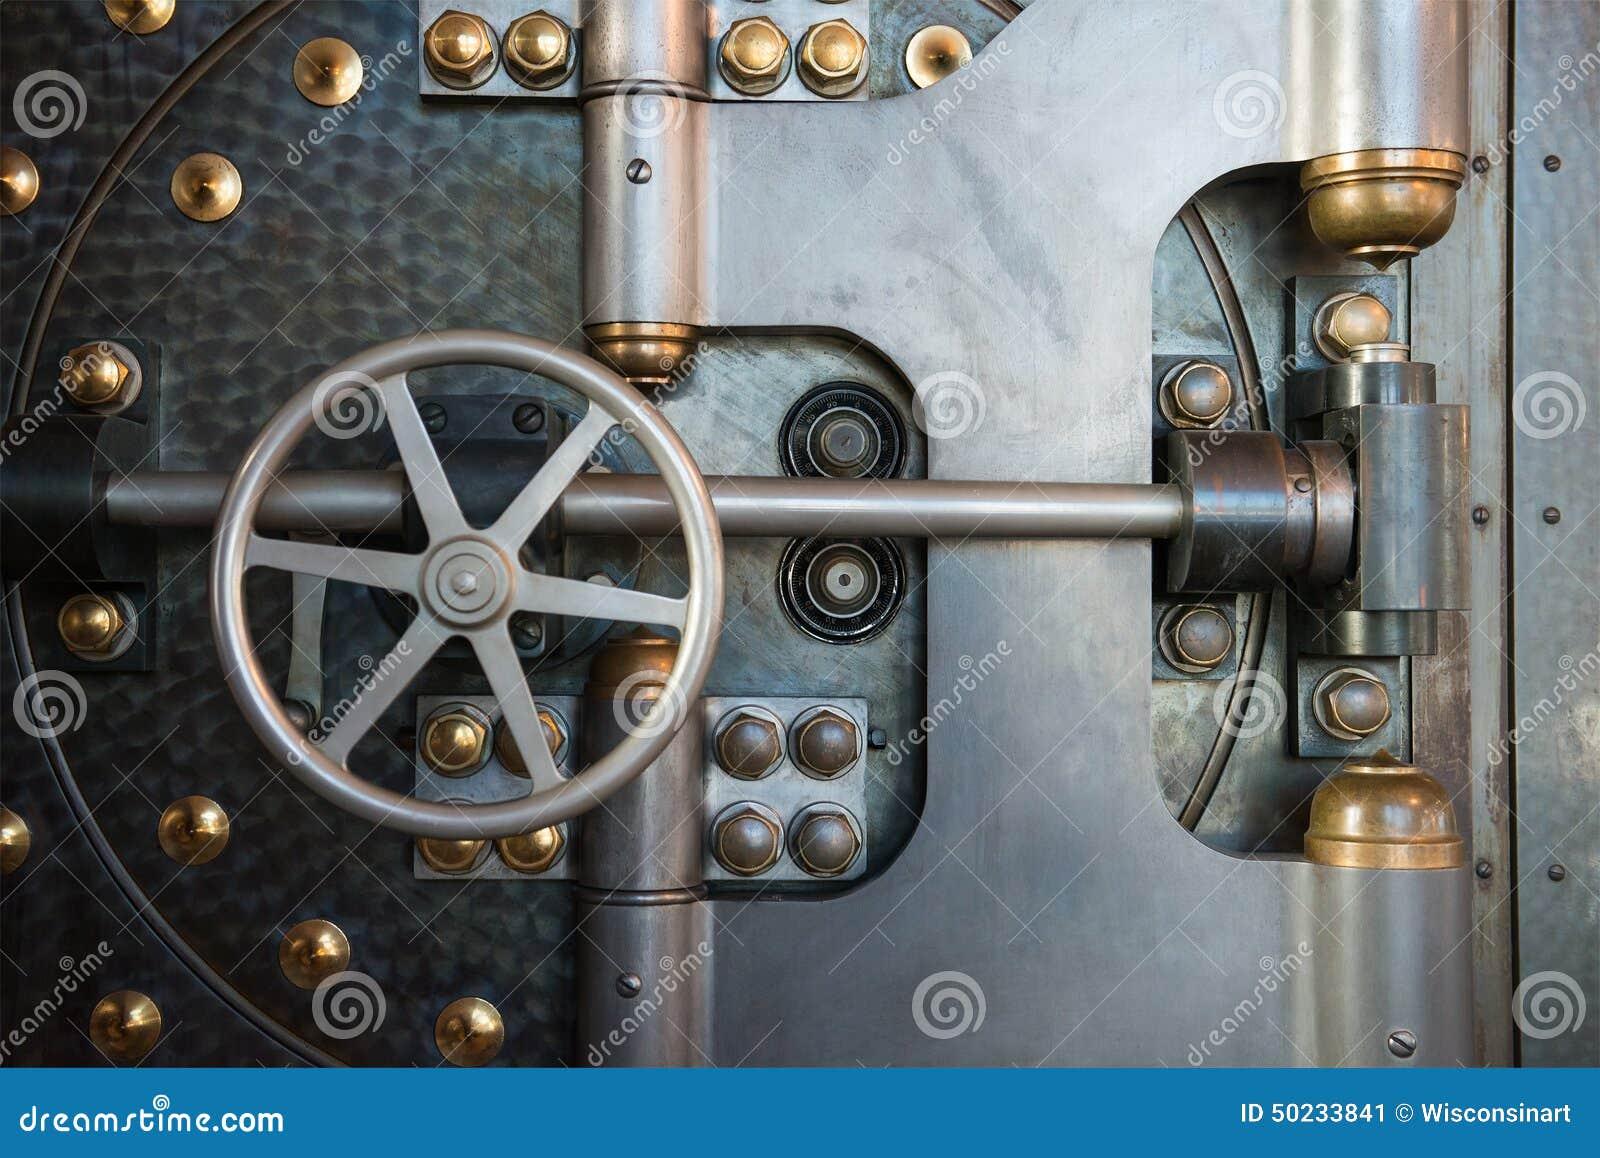 Vintage Bank Vault Safe Industrial Background Stock Photo